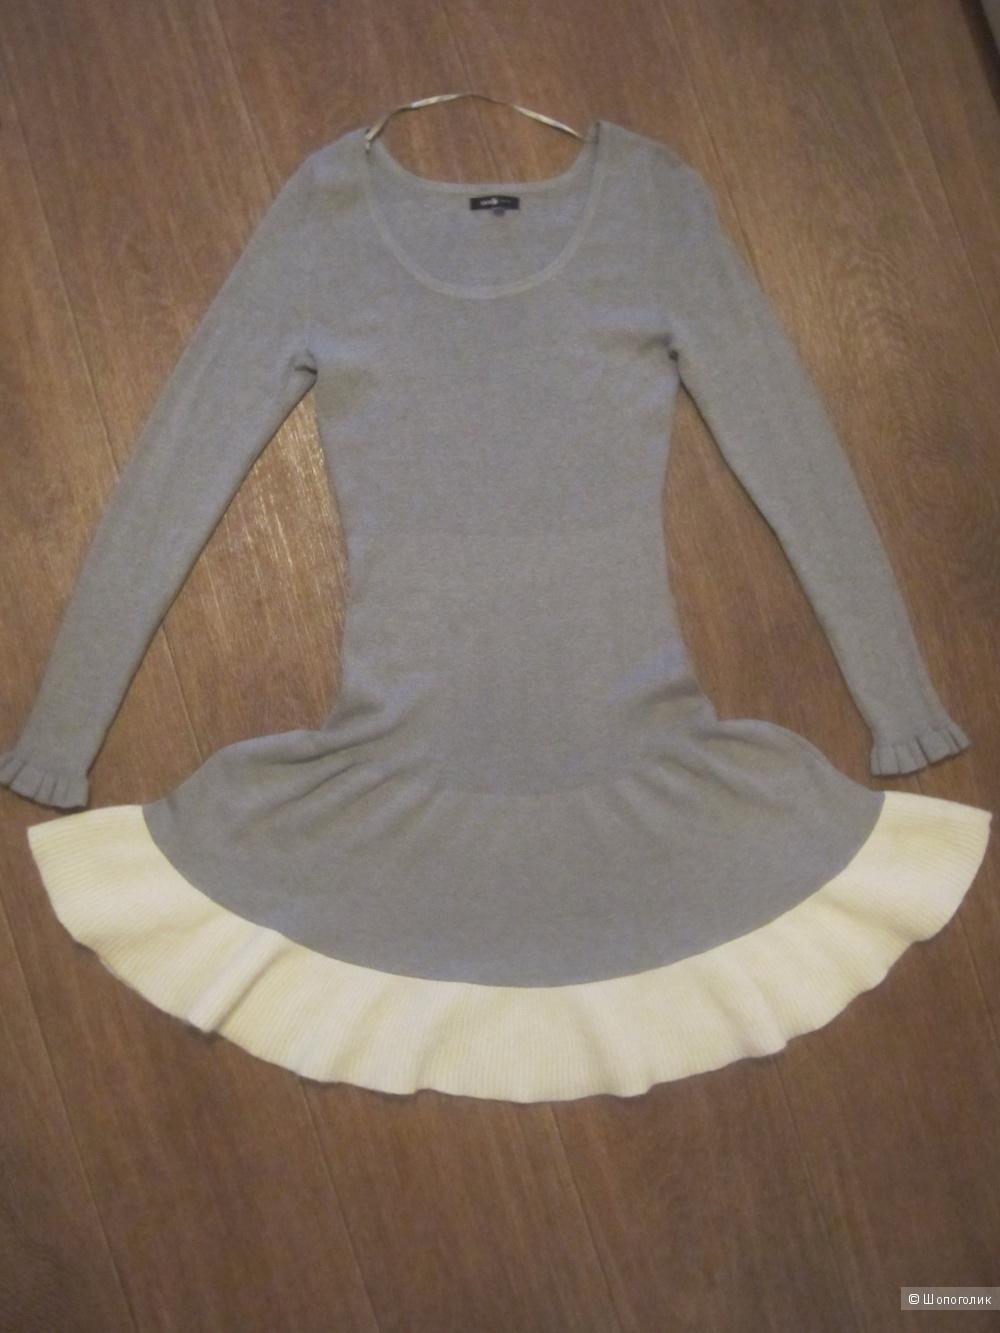 Совершенно новое платье Oodji  Knits, европейский размер 36, на российский 42-44